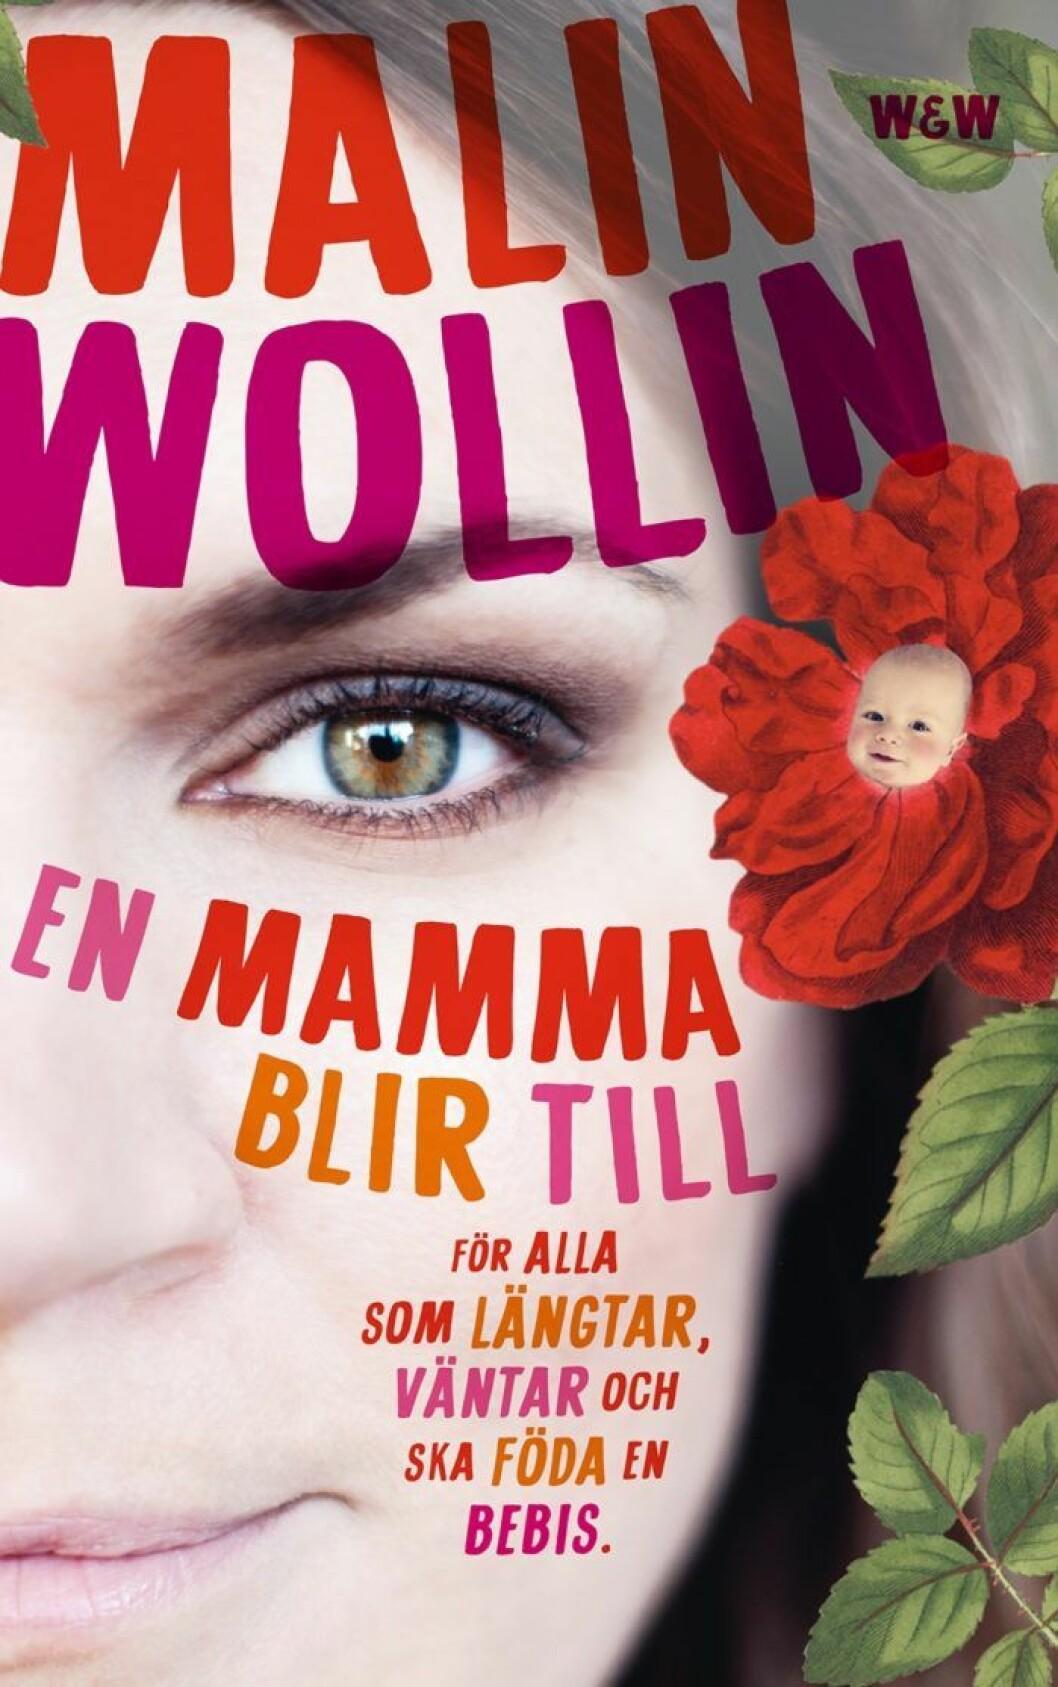 En mamma blir till: För alla som längtar, väntar och ska föda en bebis av Malin Wollin